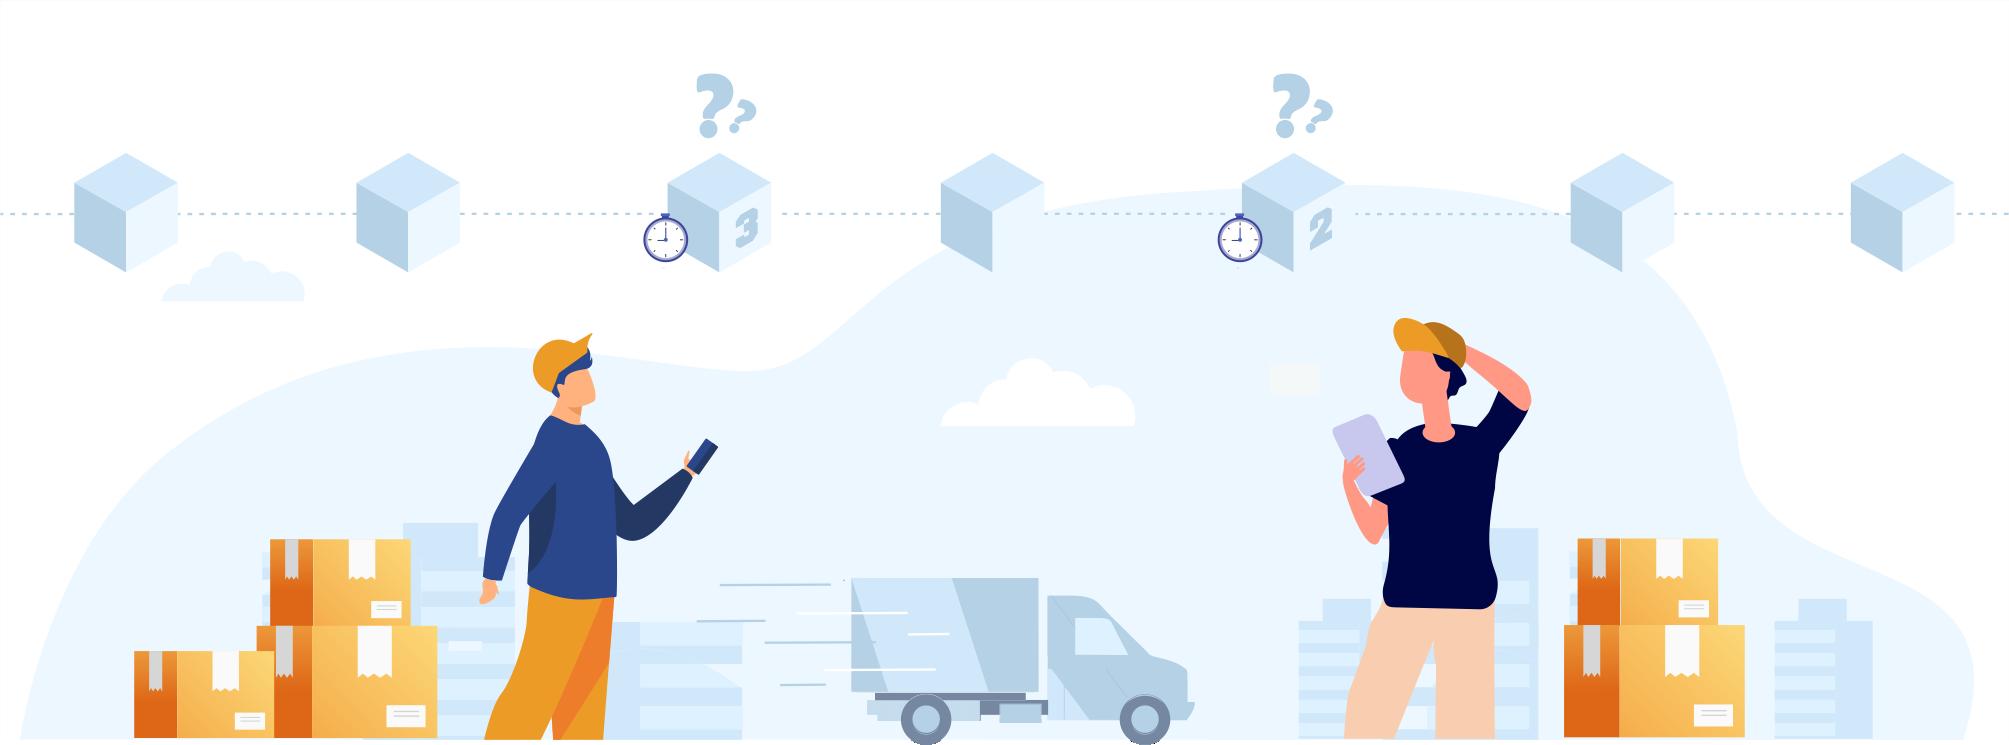 blockchain-supplychain-pallets-exchange